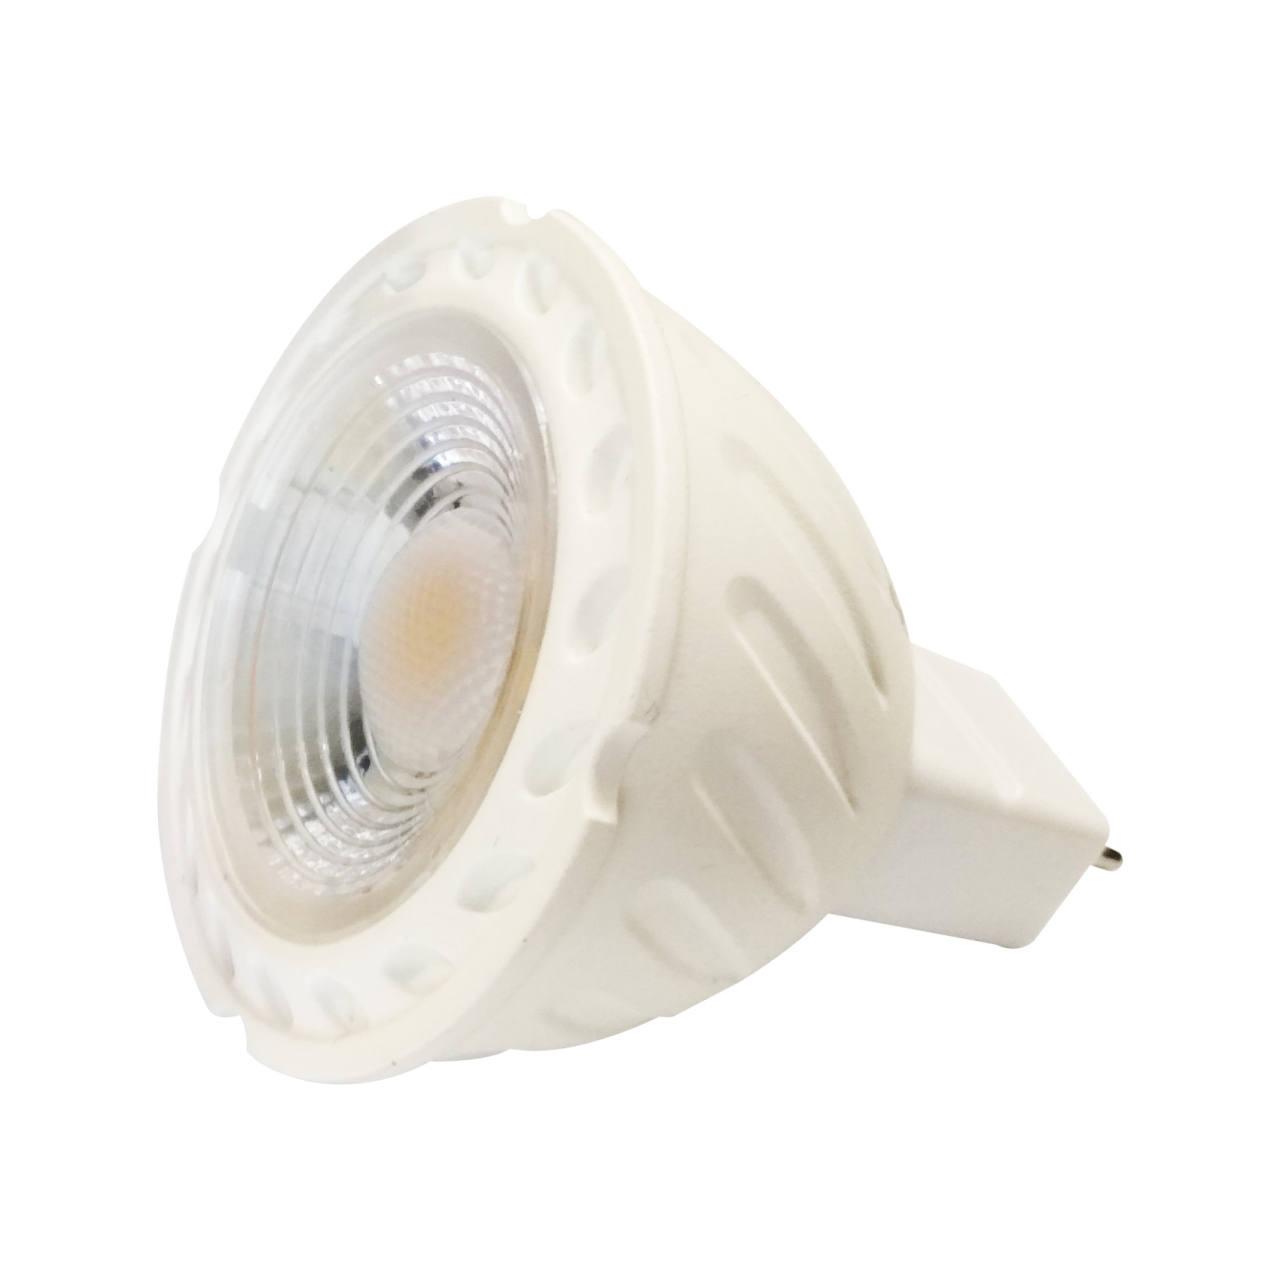 لامپ هالوژن ال ای دی 7 وات مدل GH7